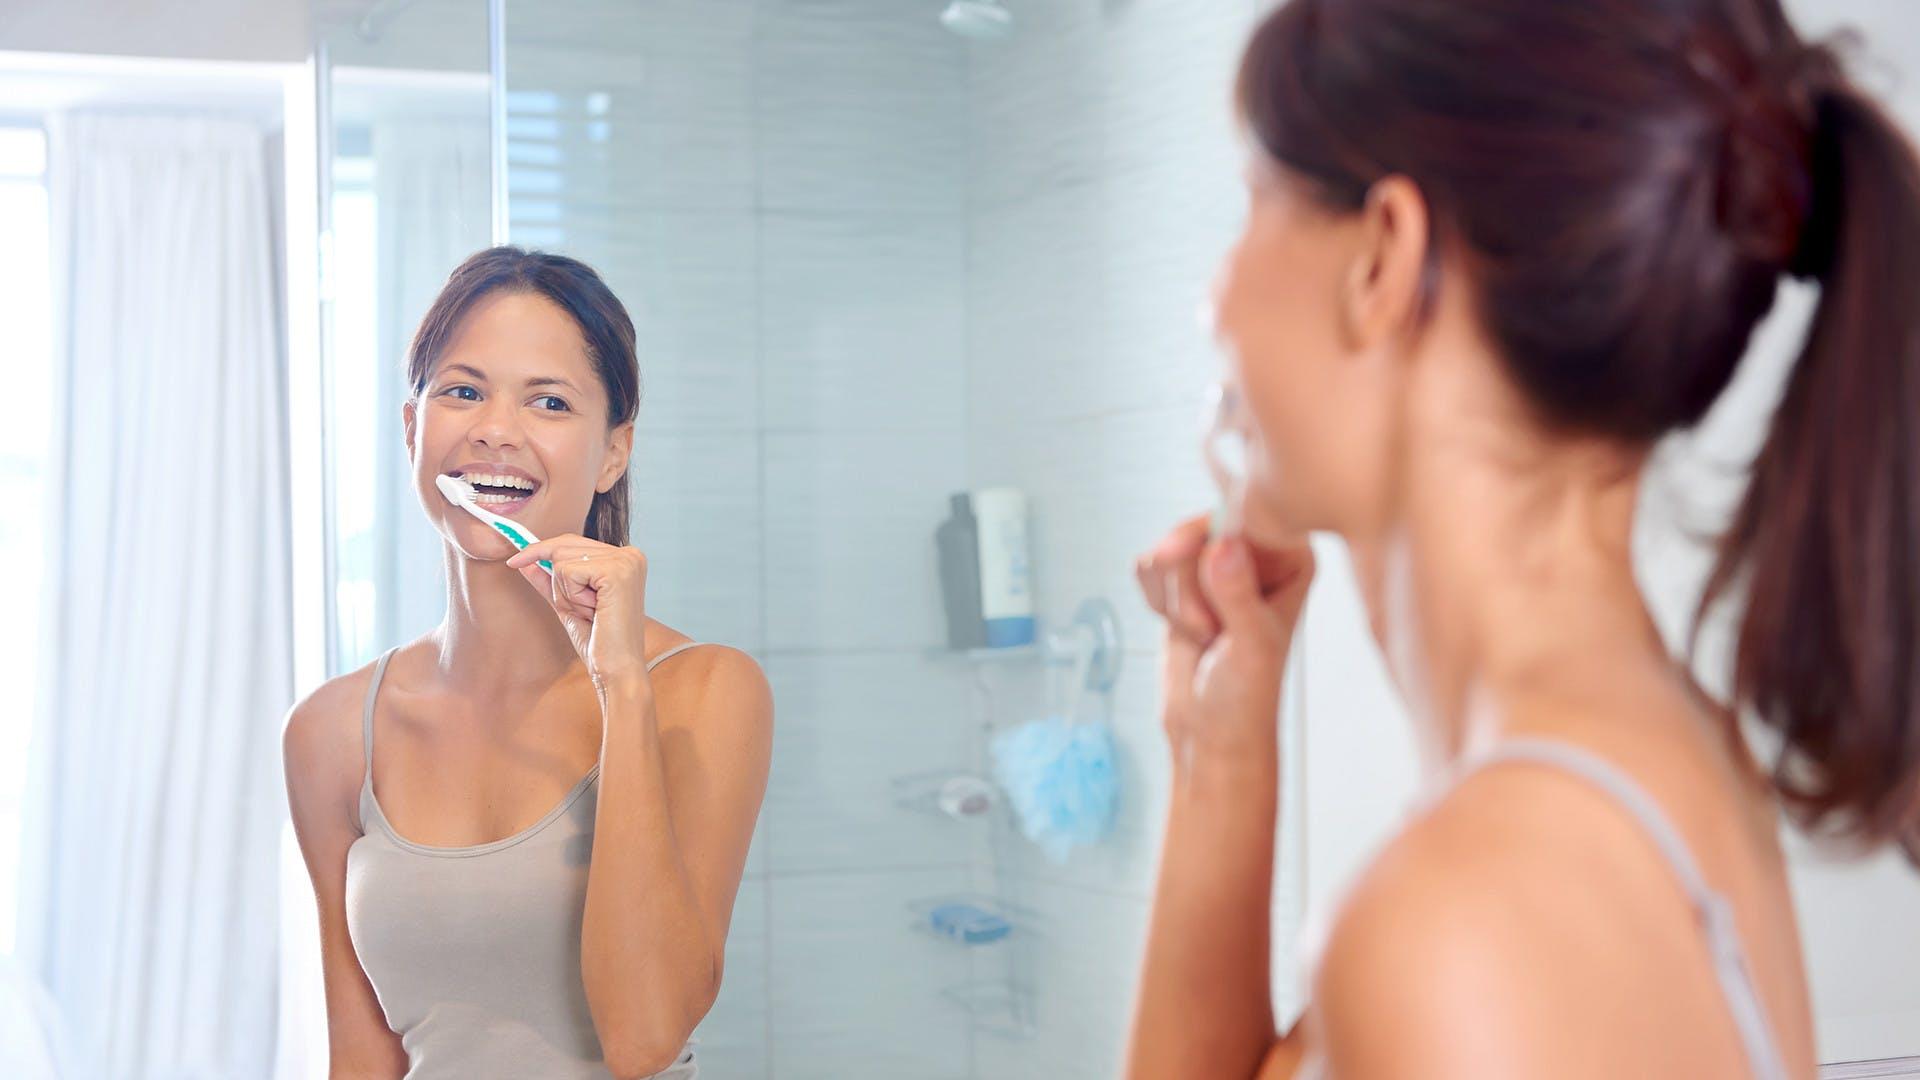 Lächelnde Frau beim Zähneputzen. Hier lesen: Zahnfleisch gesund halten.